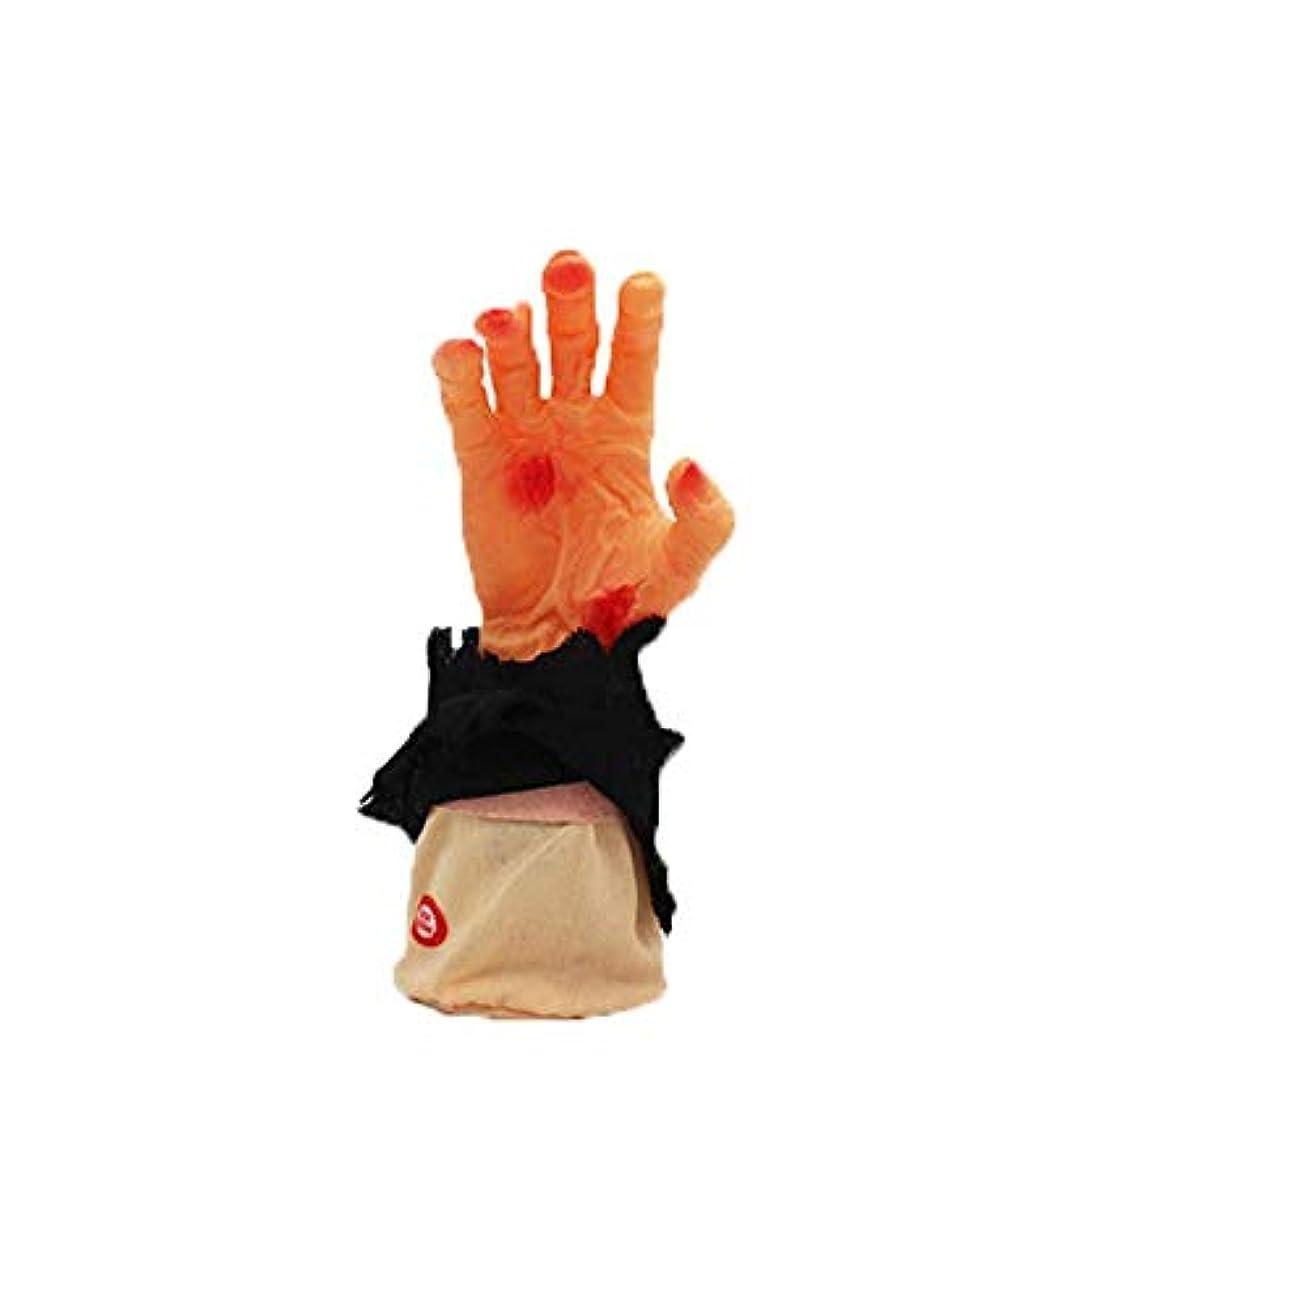 セラー天窓することになっているハロウィーンのきちんとしたおもちゃ、幽霊の血の装飾的な小道具は怖い